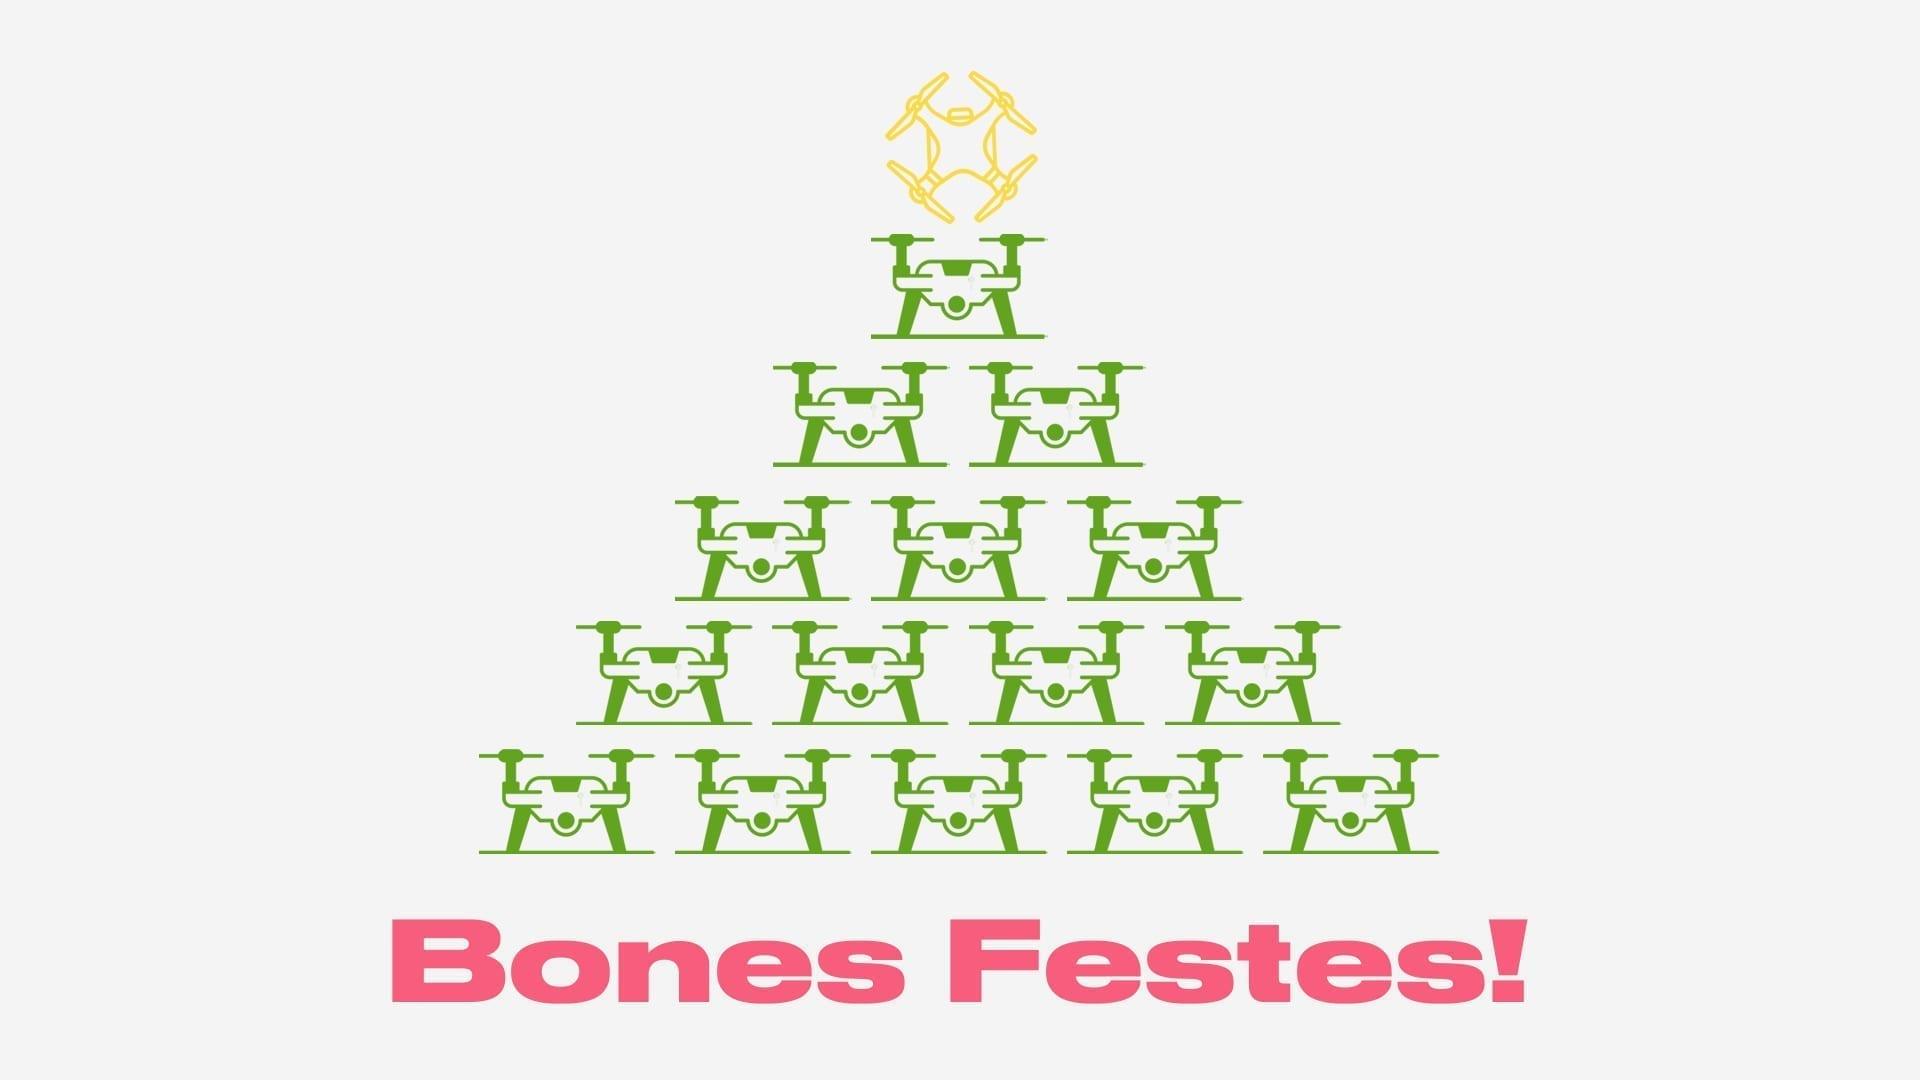 Bones Festes BCN Drone Center